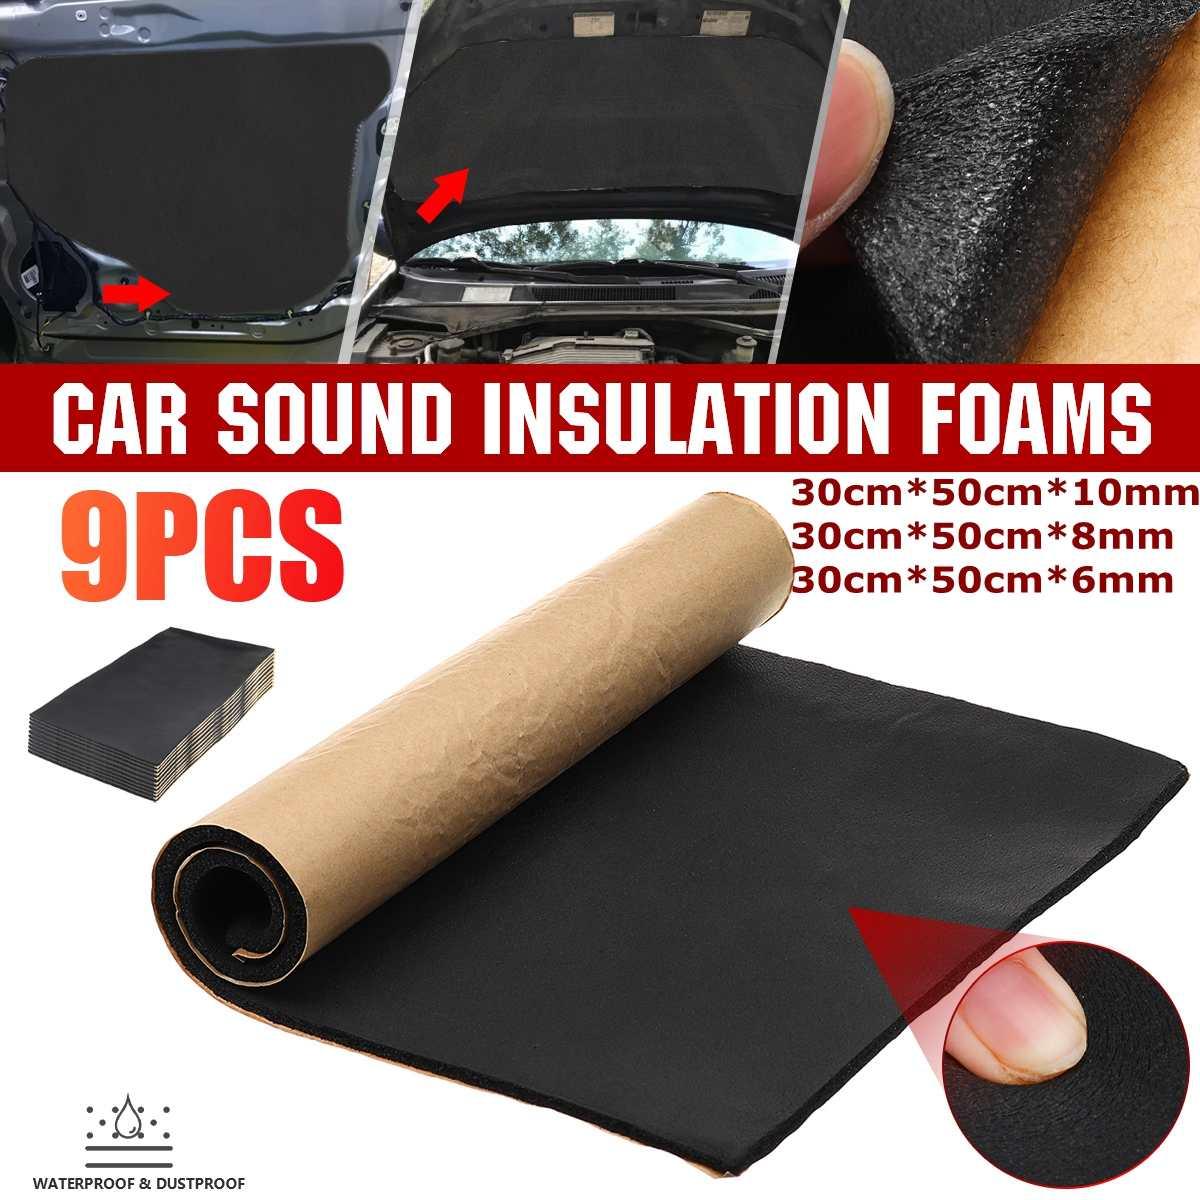 Tapetes de algodón para aislamiento acústico de coche de 30x50cm, 6/8/10mm, capó del motor, cortafuegos, protectores contra el ruido